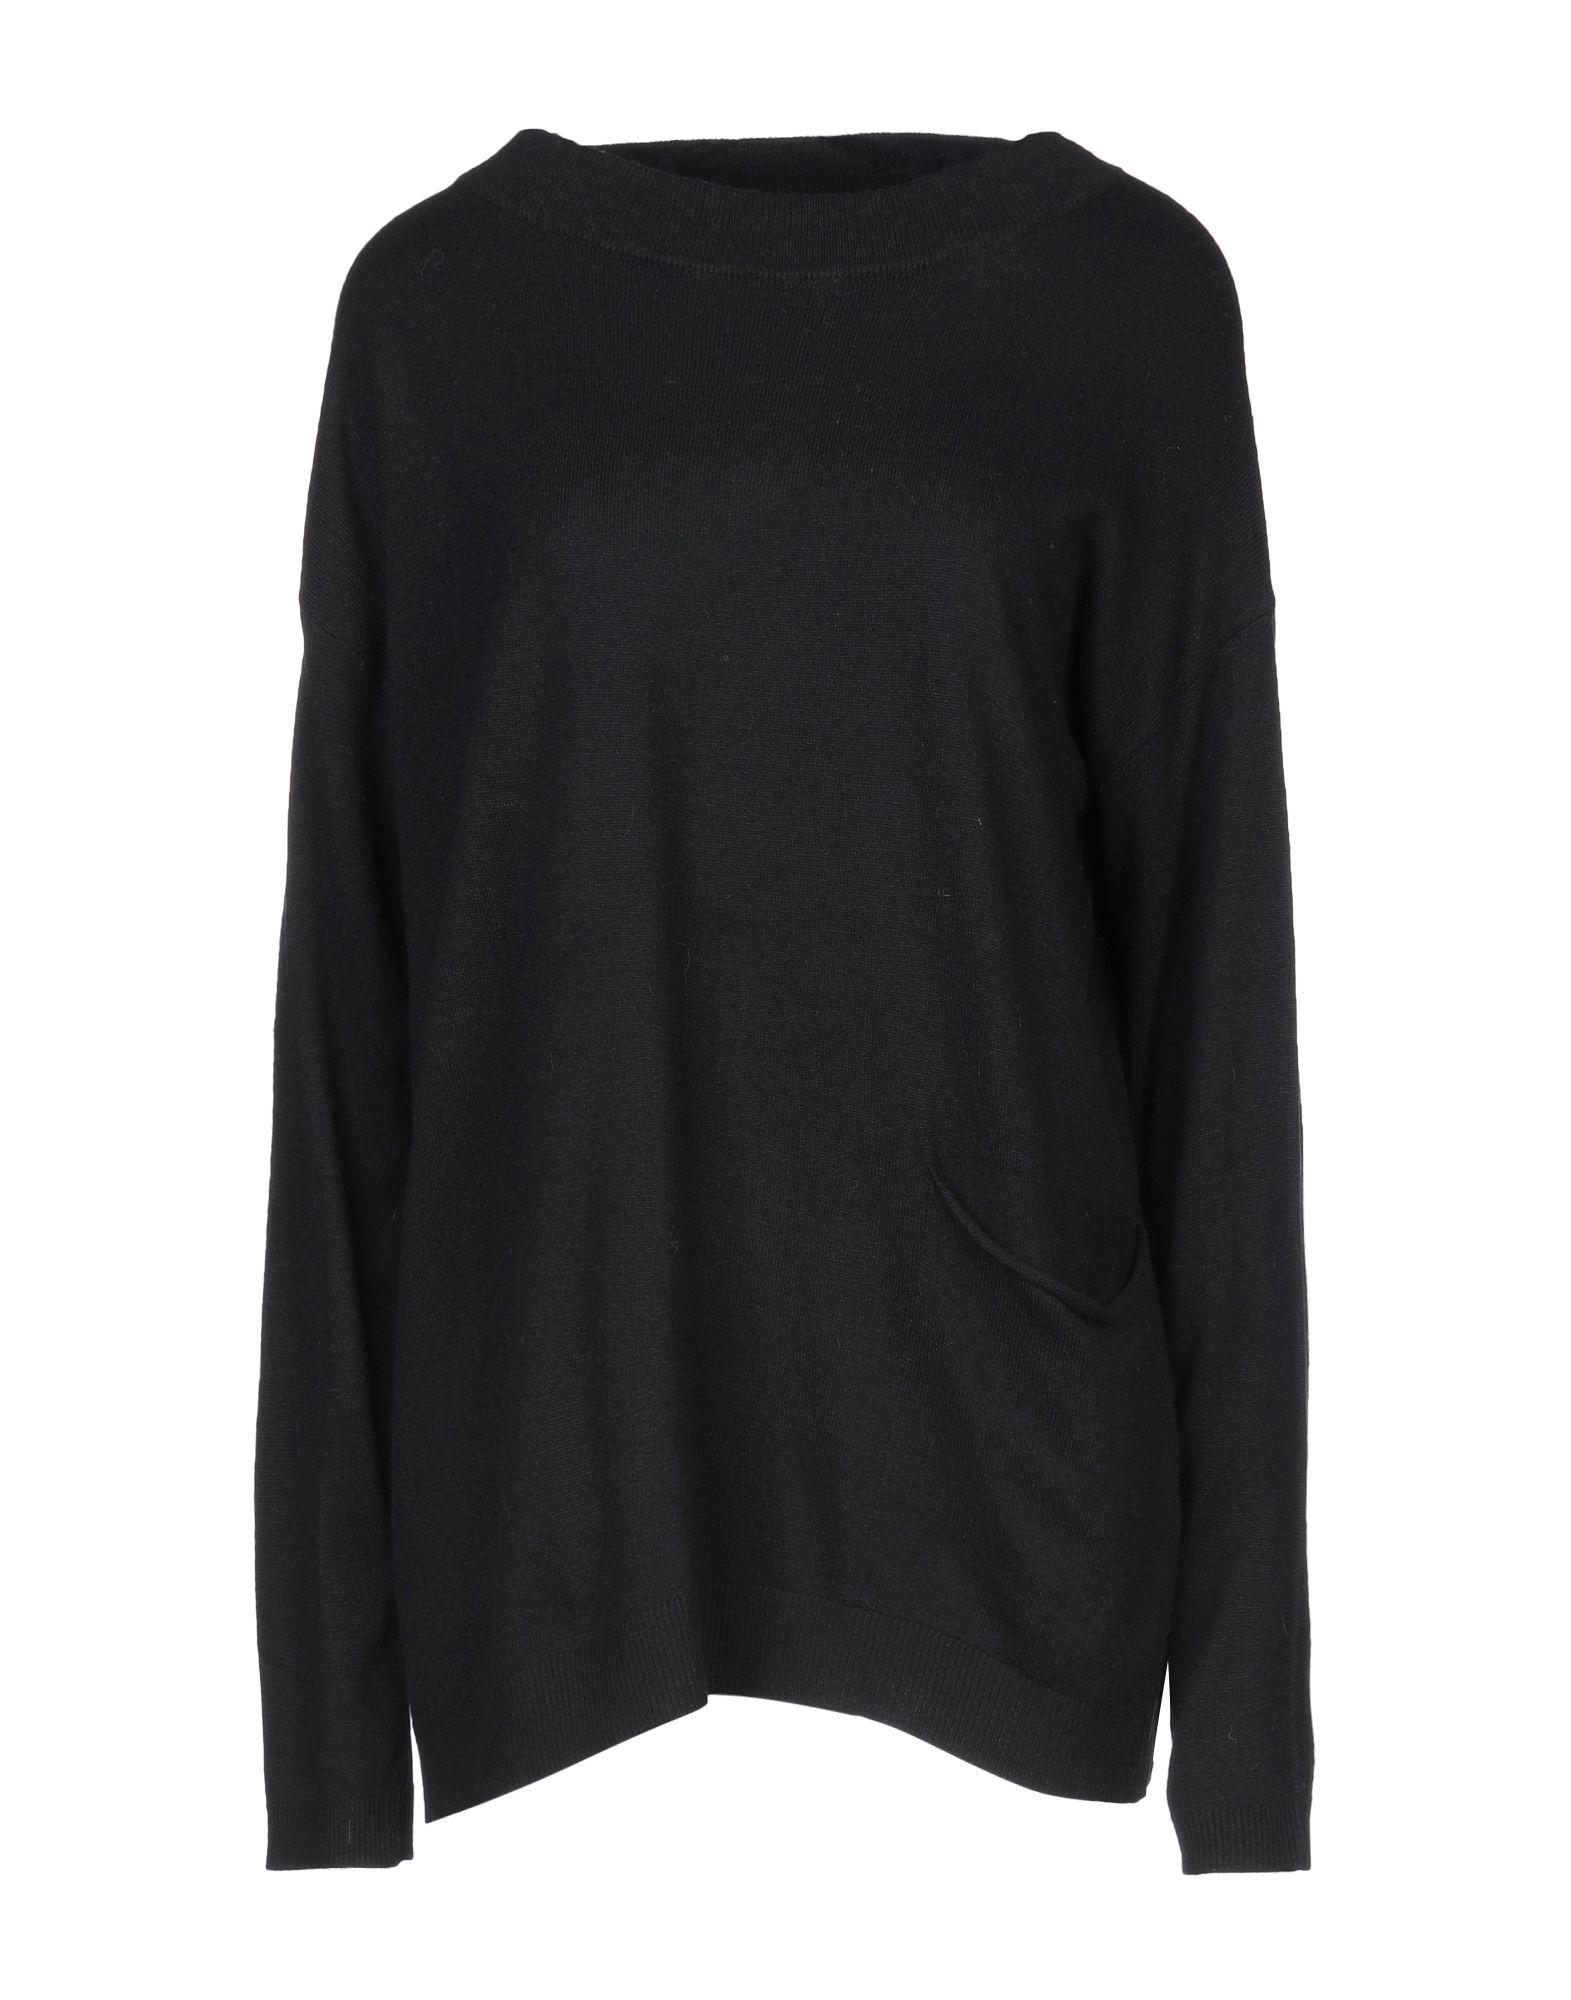 купить свитер мужской недорого в москве